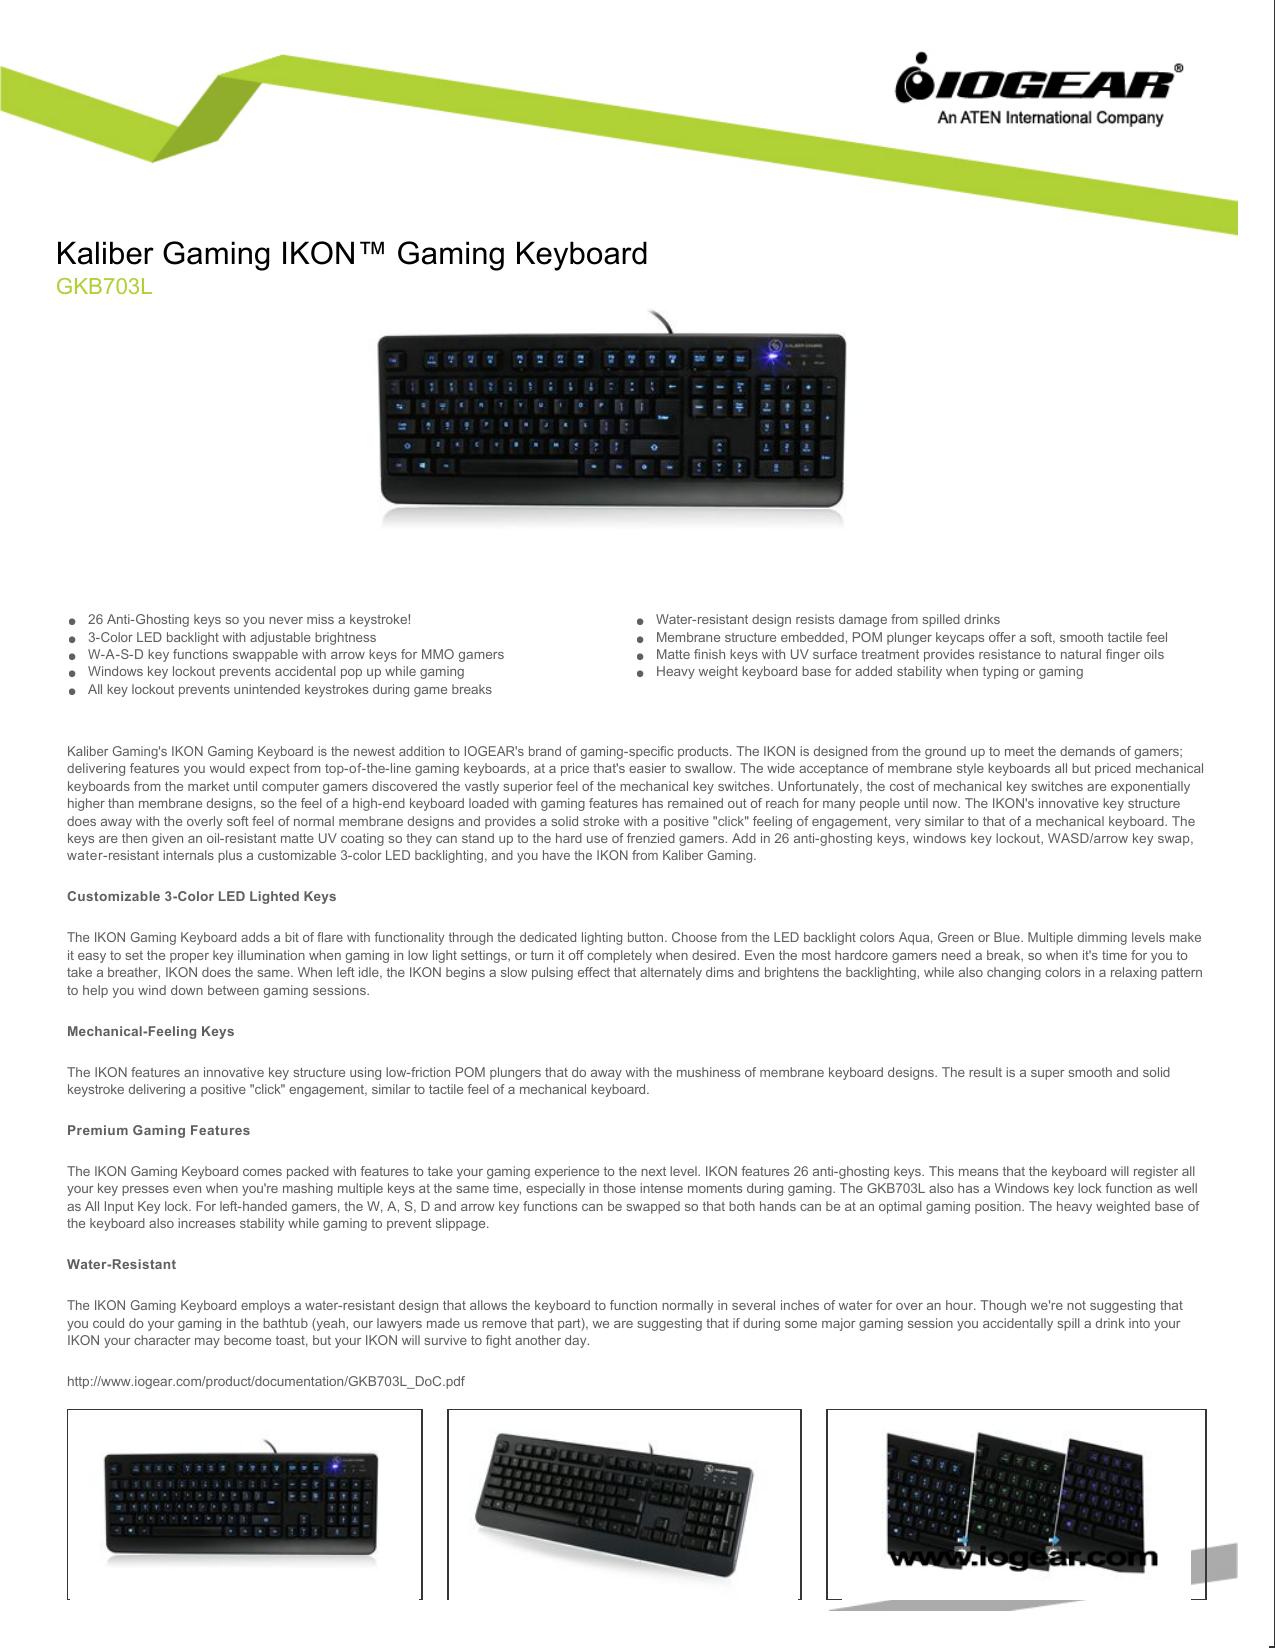 Kaliber Gaming IKON™ Gaming Keyboard | manualzz com